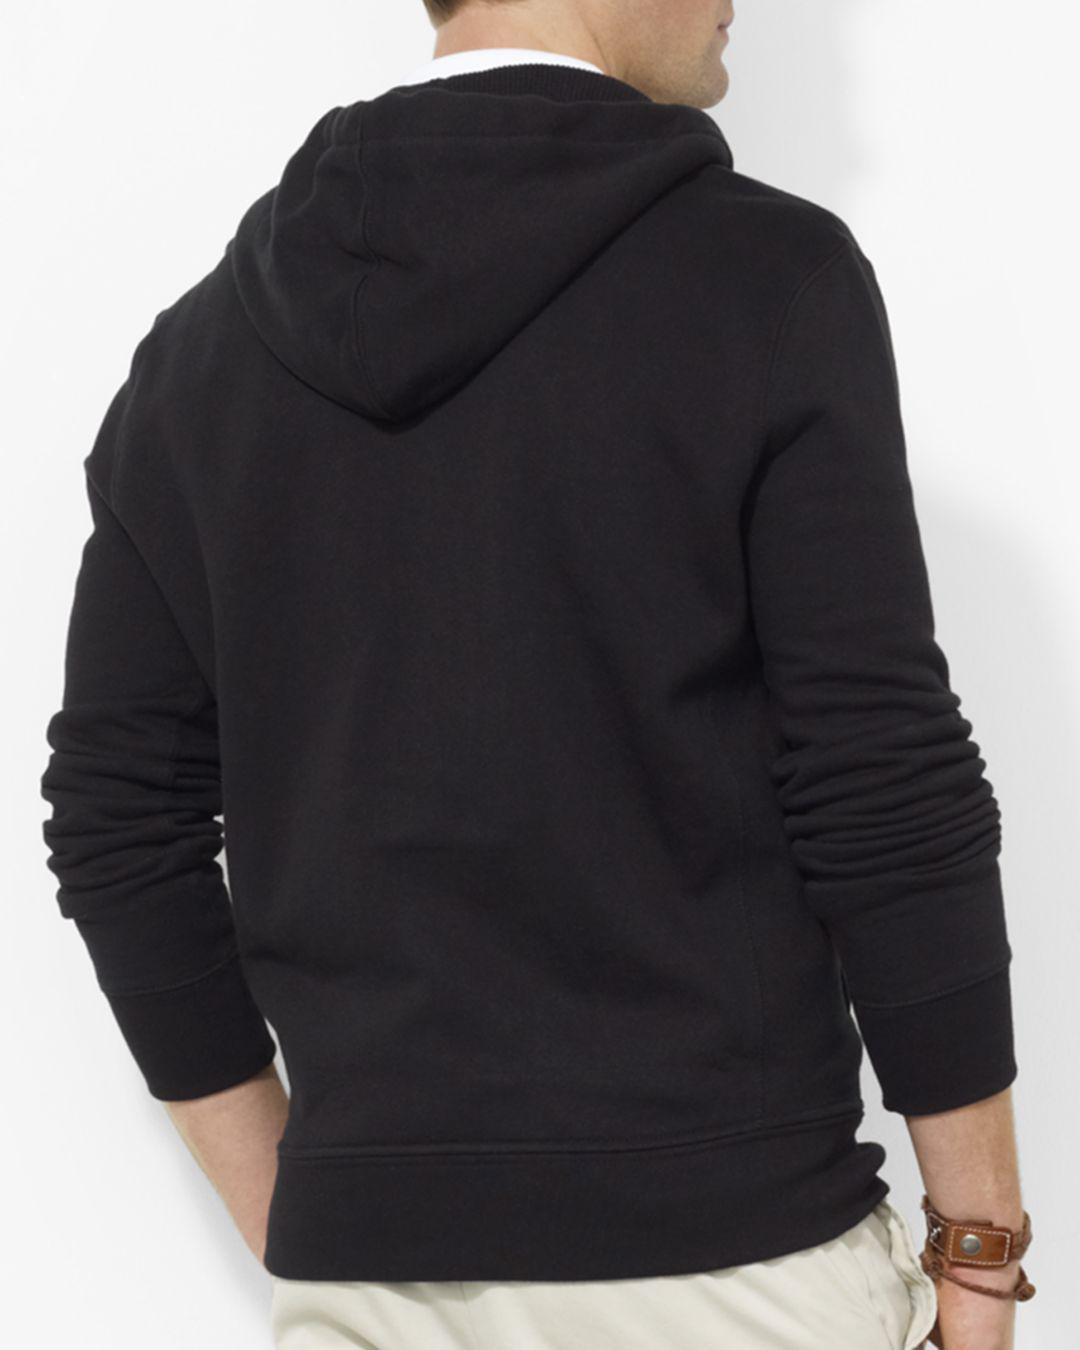 a60d1d506 Lyst - Polo Ralph Lauren Classic Full-Zip Fleece Hoodie in Black for Men -  Save 61%